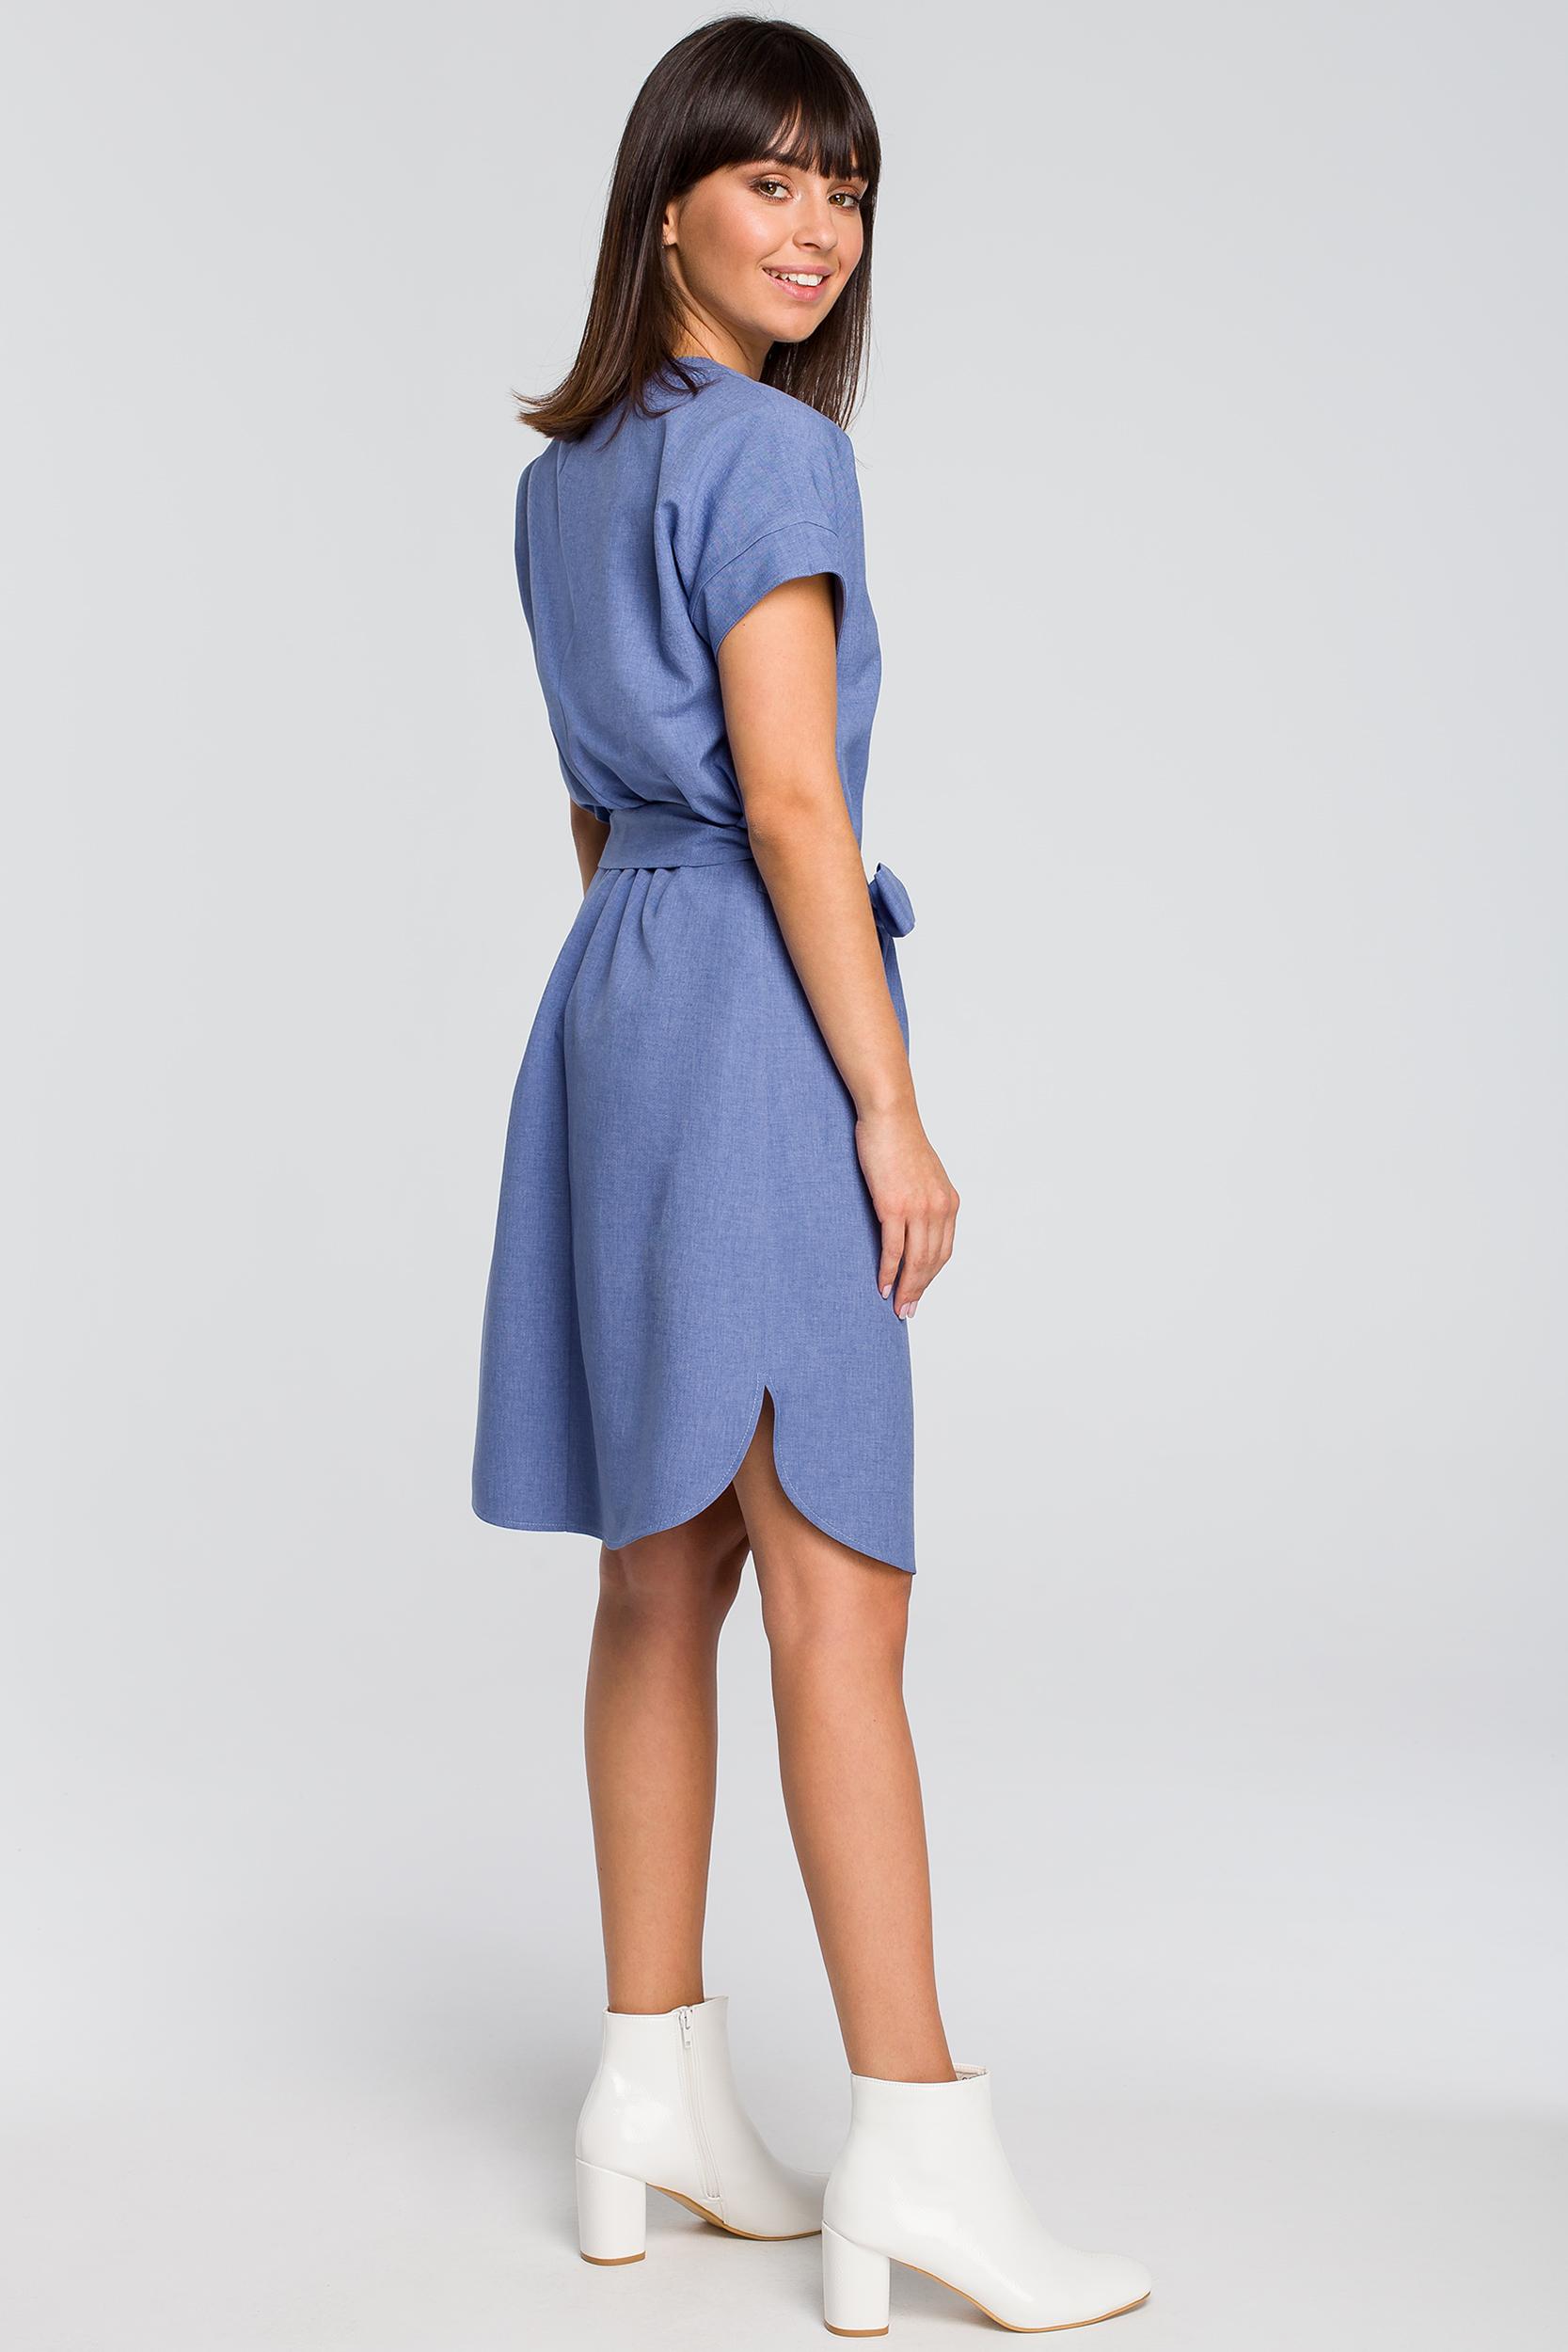 5c3bce80 Sukienka zapinana na guziki niebieska